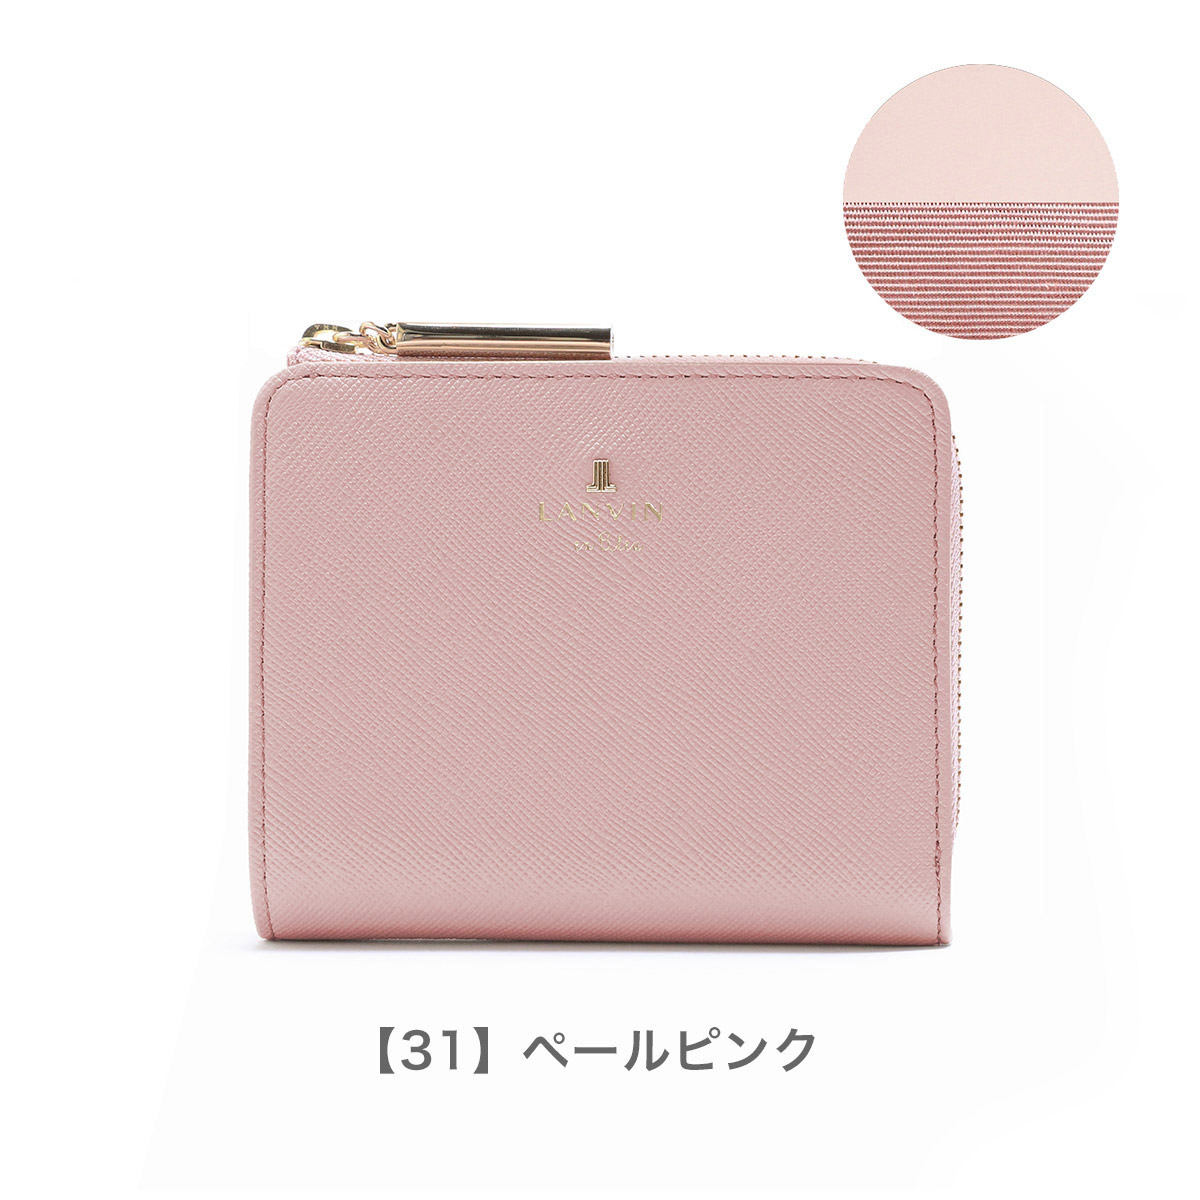 【31】ペールピンク